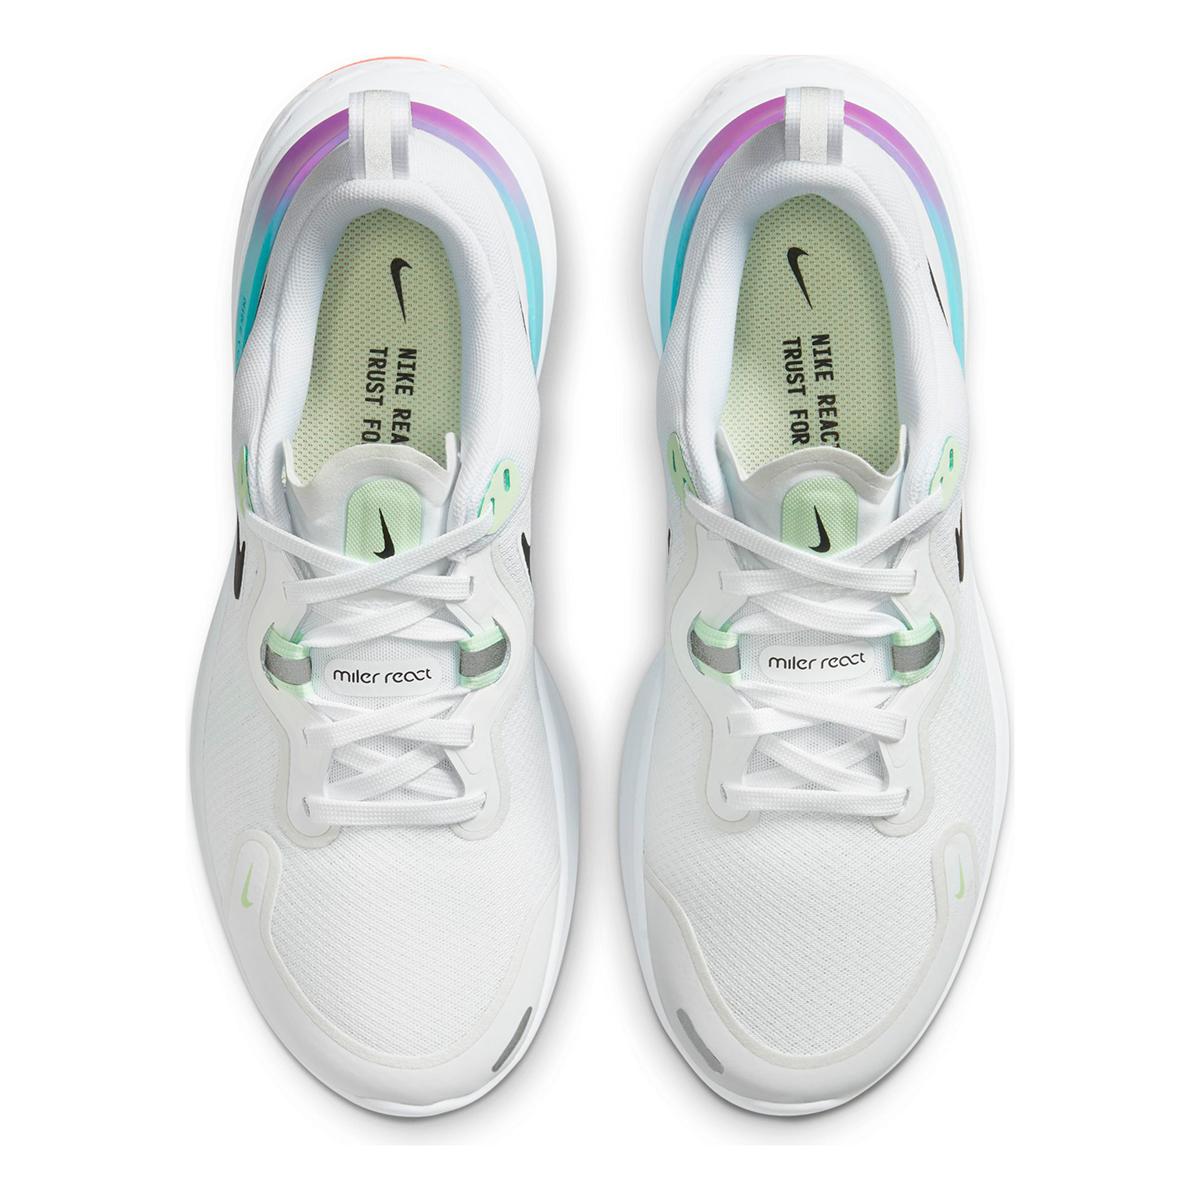 Women's Nike React Miler Running Shoe - Color: White/Vapor Green/Hyper Jade/Black - Size: 5 - Width: Regular, White/Vapor Green/Hyper Jade/Black, large, image 5